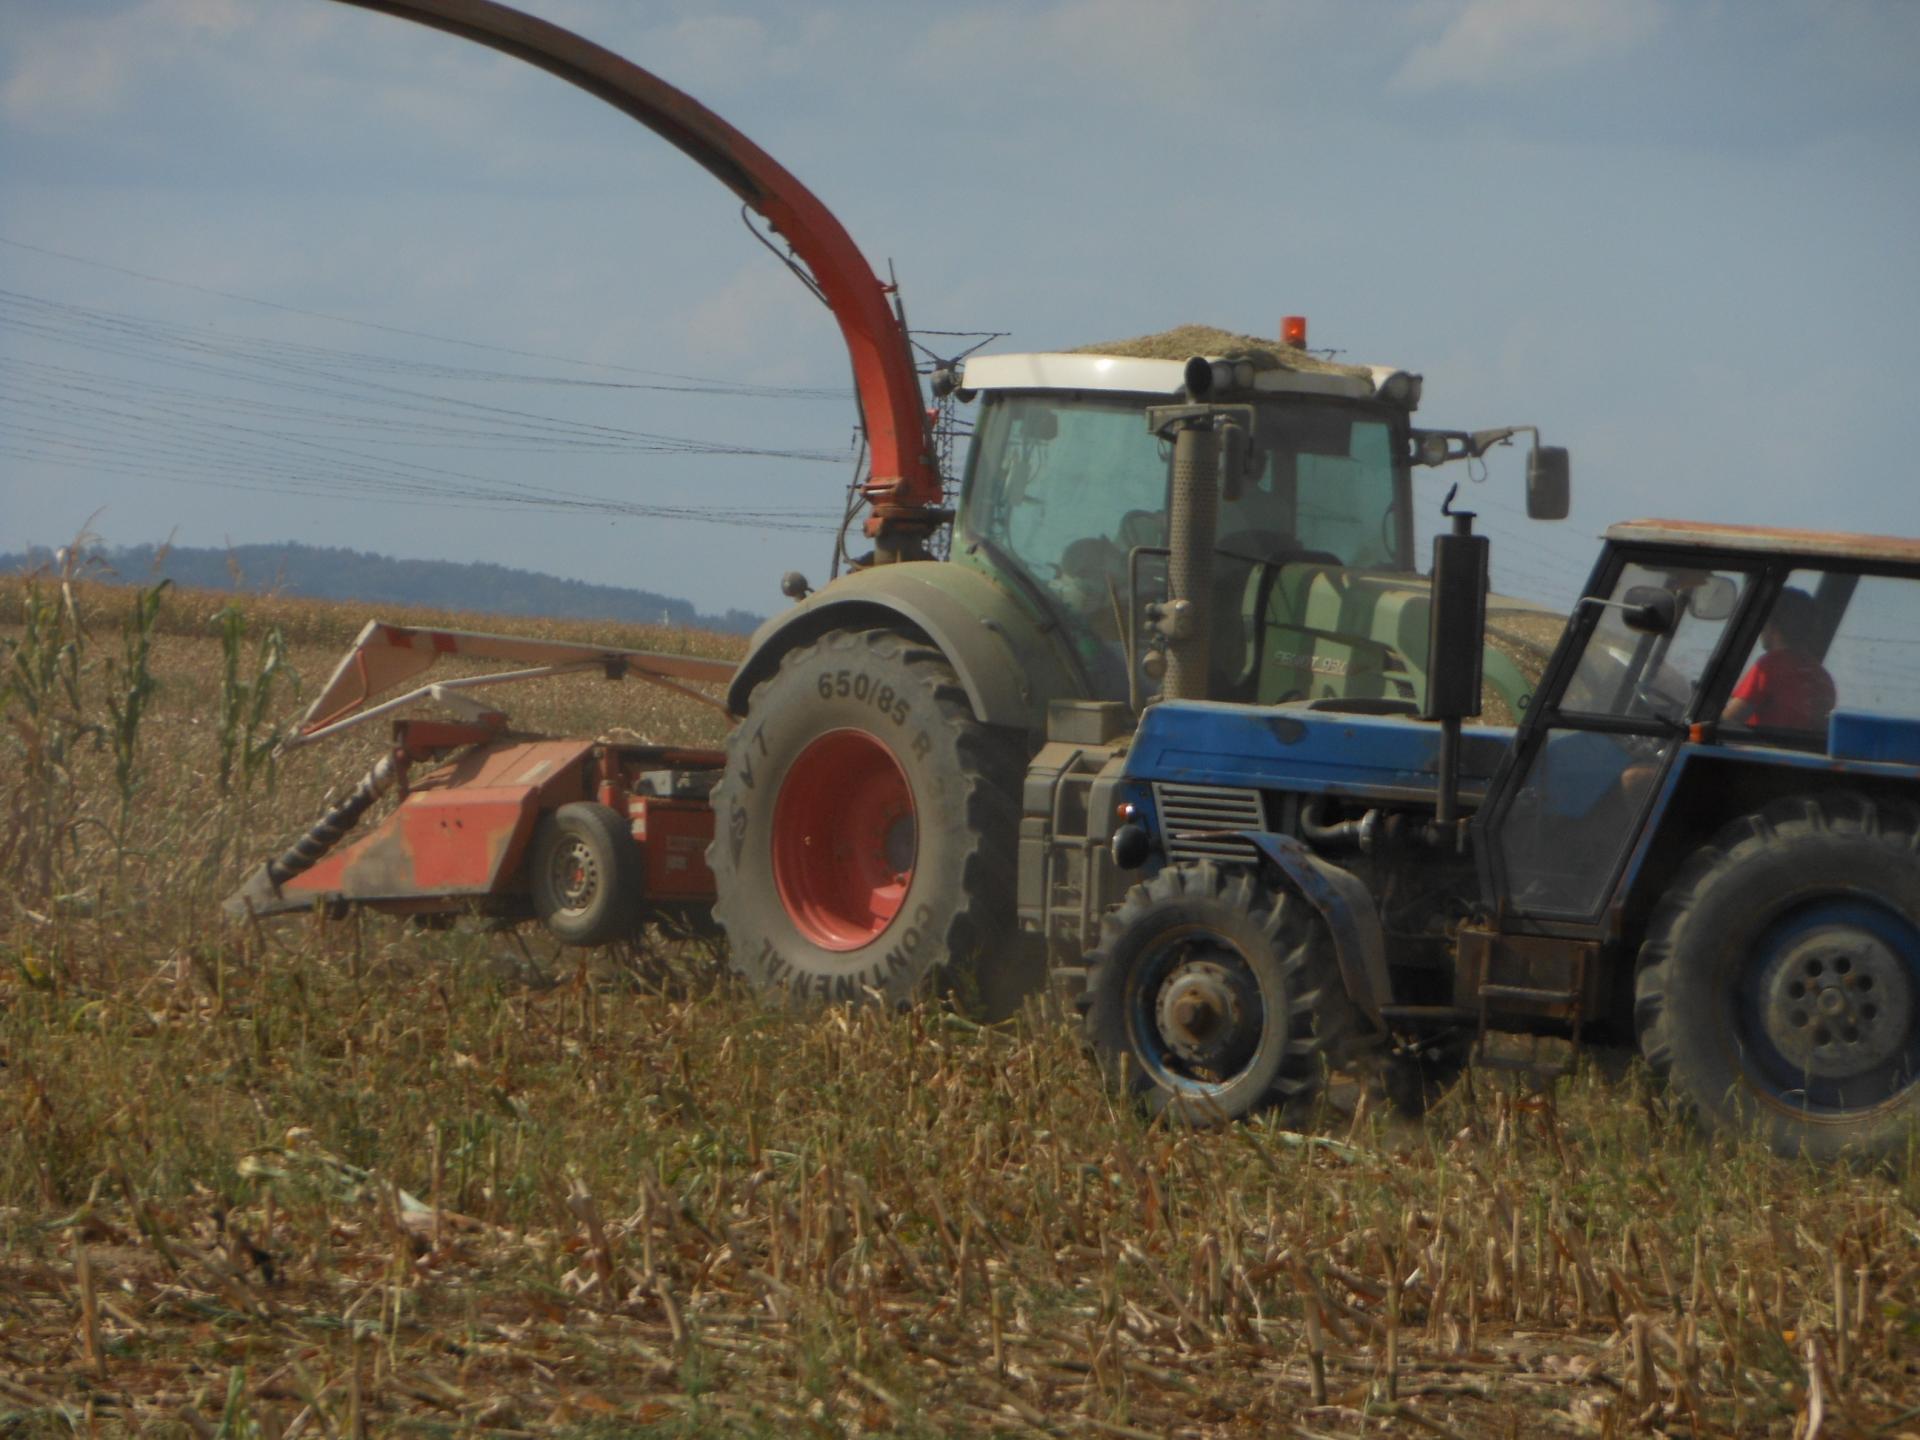 Traktor FENDT 930 s otočným řízením agregován s nesenou řezačkou s adaptérem na kukuřici.JPG